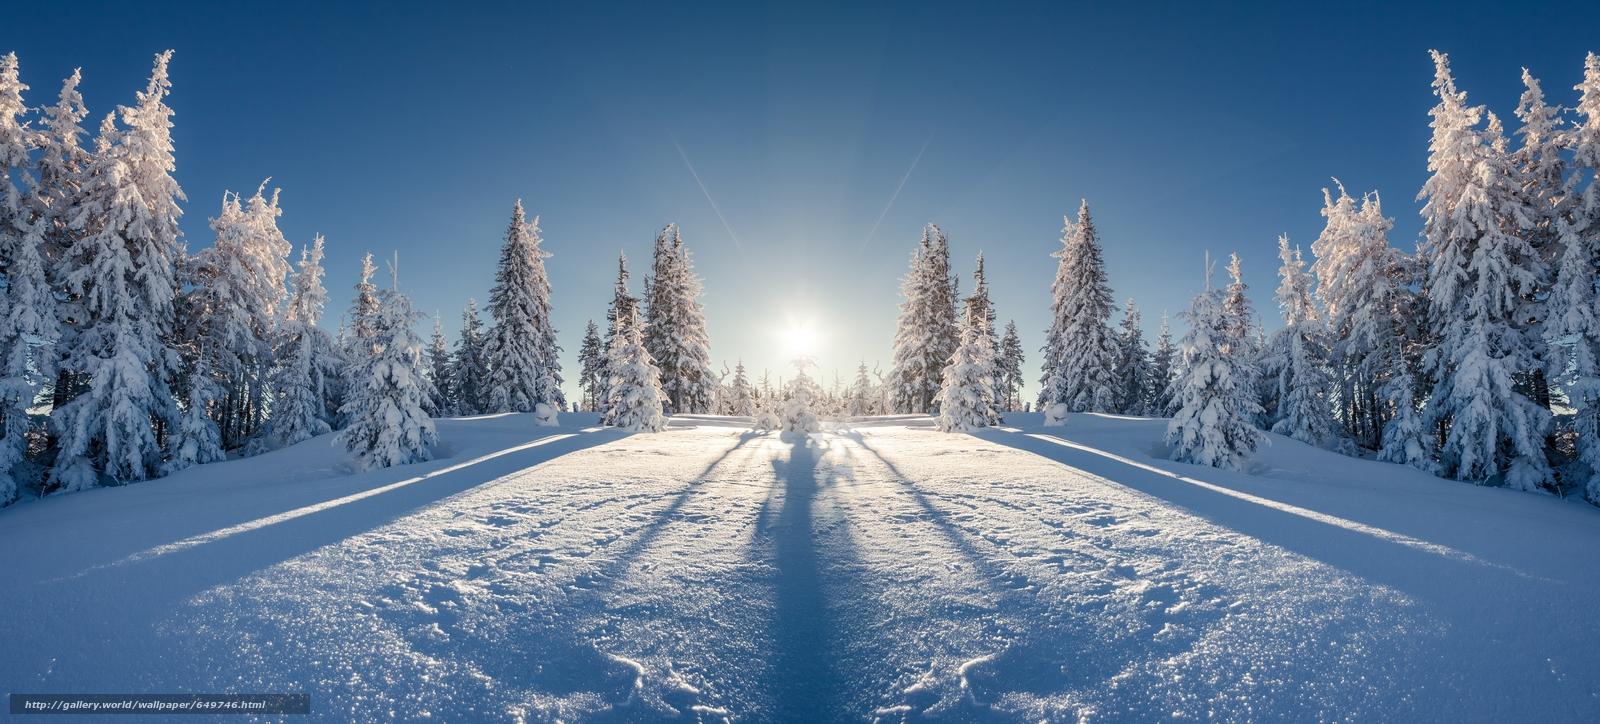 Скачать обои Карпаты,  Украина,  зима,  снег бесплатно для рабочего стола в разрешении 6946x3145 — картинка №649746